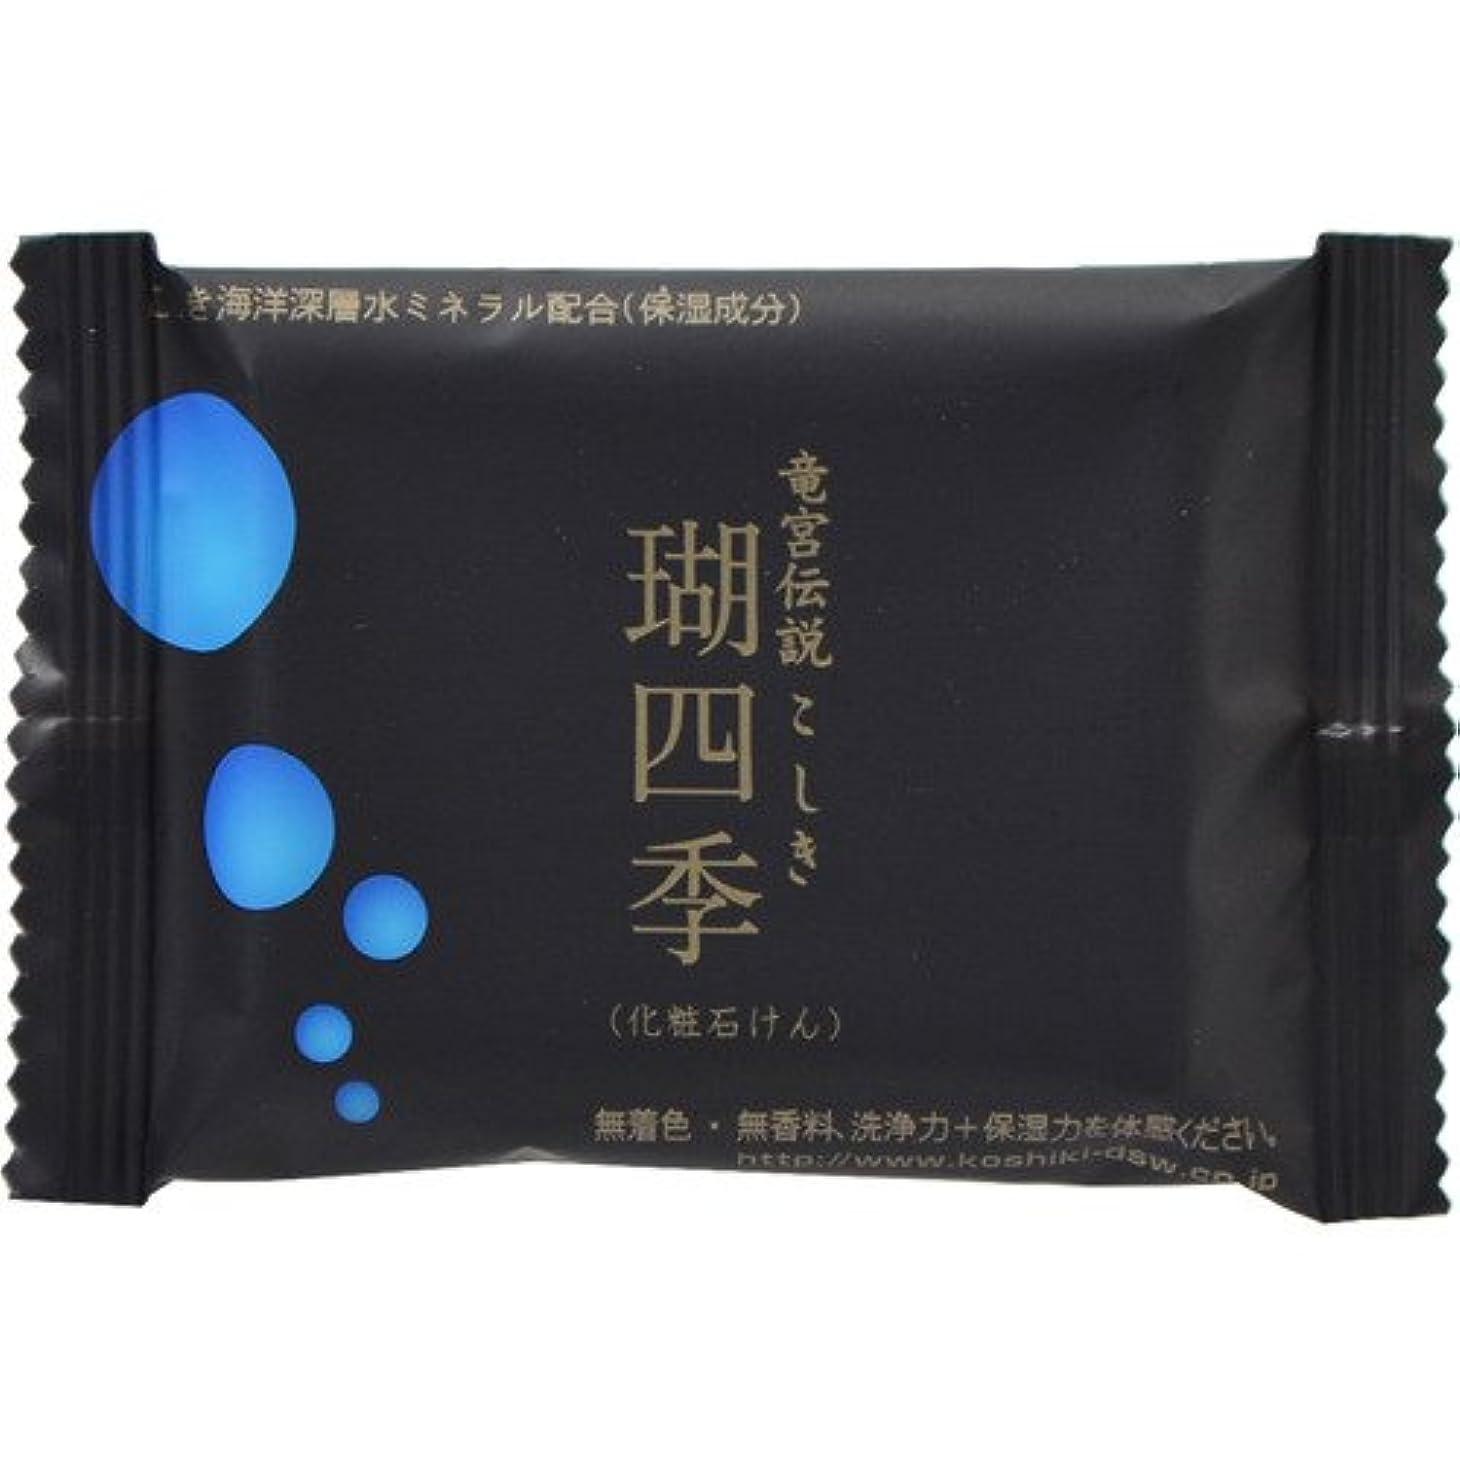 ノート空中麦芽瑚四季 化粧石鹸 30g